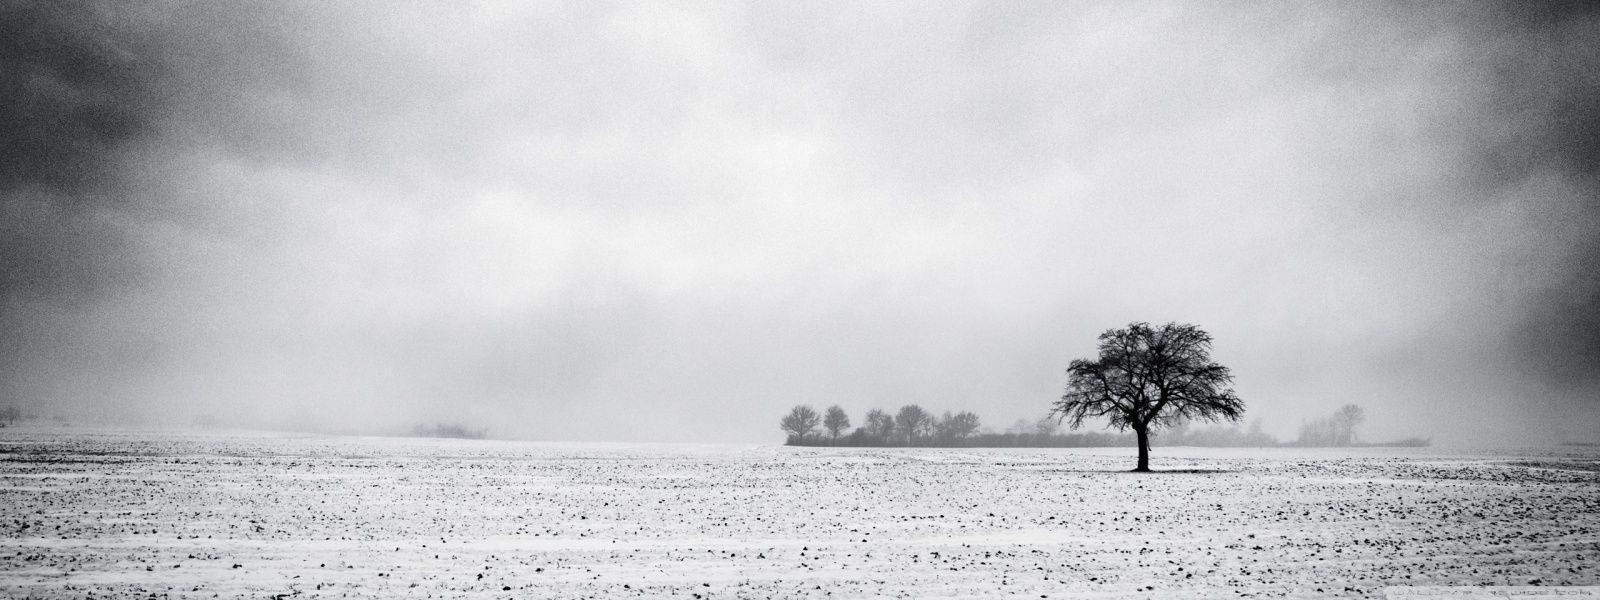 Empty Field, Winter HD desktop wallpaper : High Definition ...